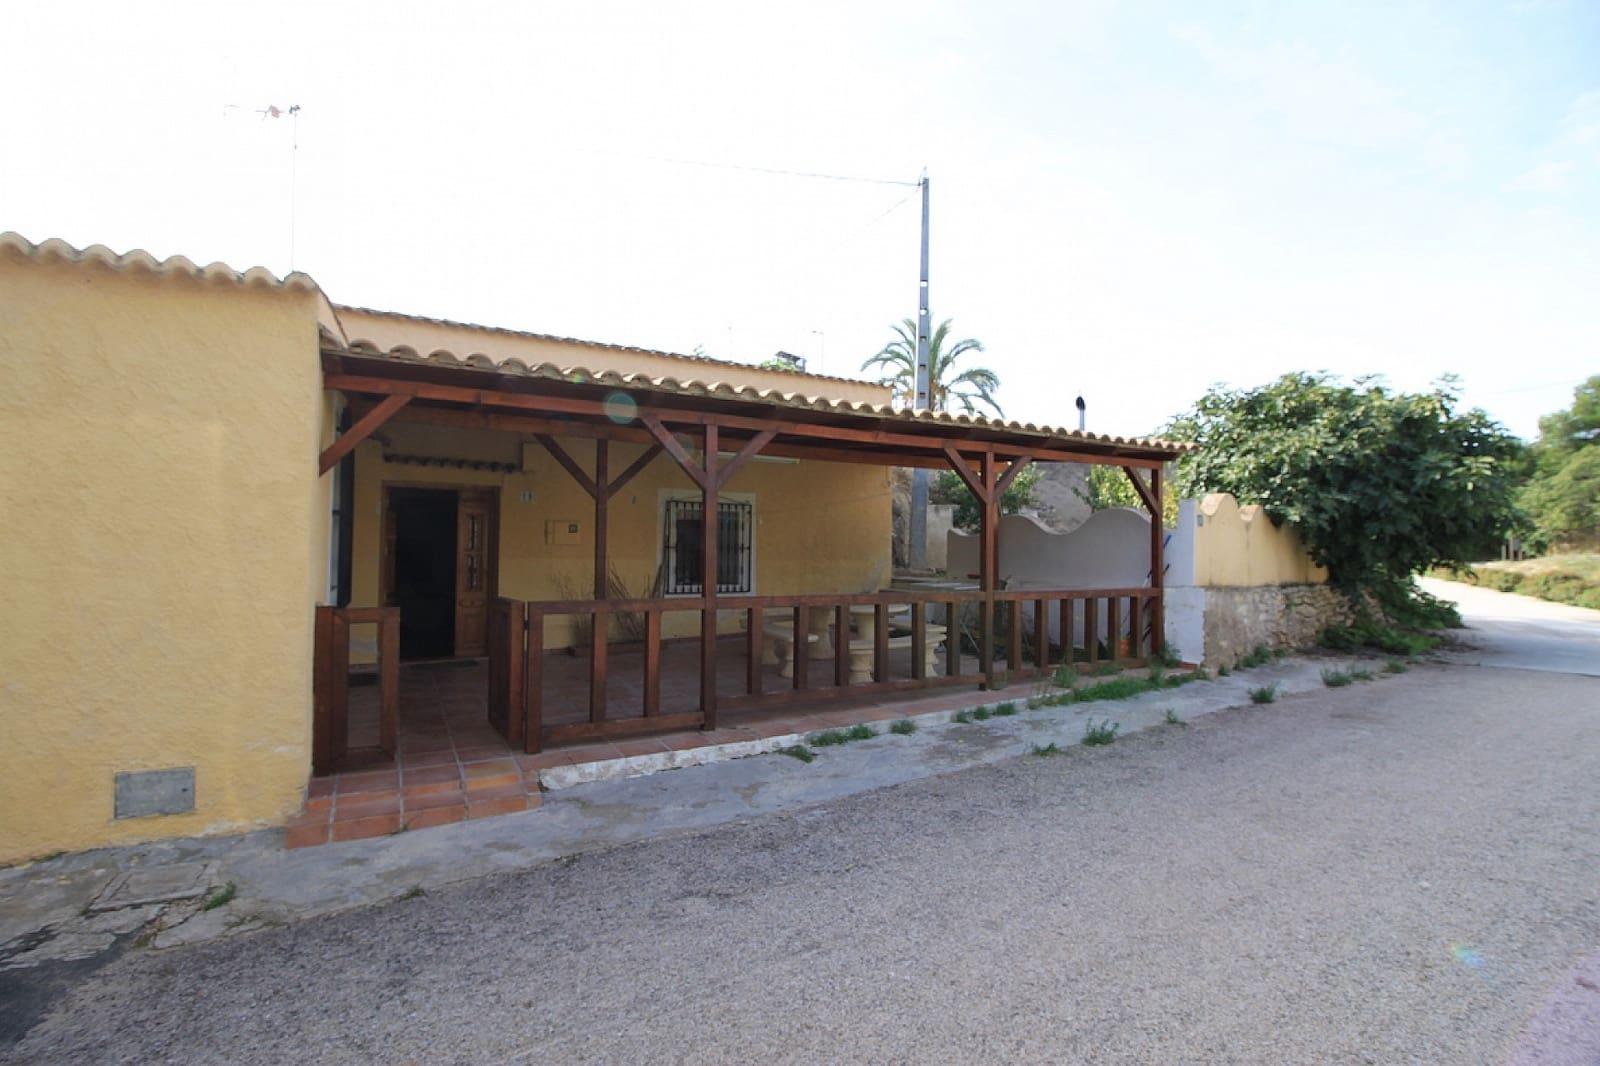 4 sypialnia Dom w skale na sprzedaż w Casas del Senor - 79 995 € (Ref: 6135142)